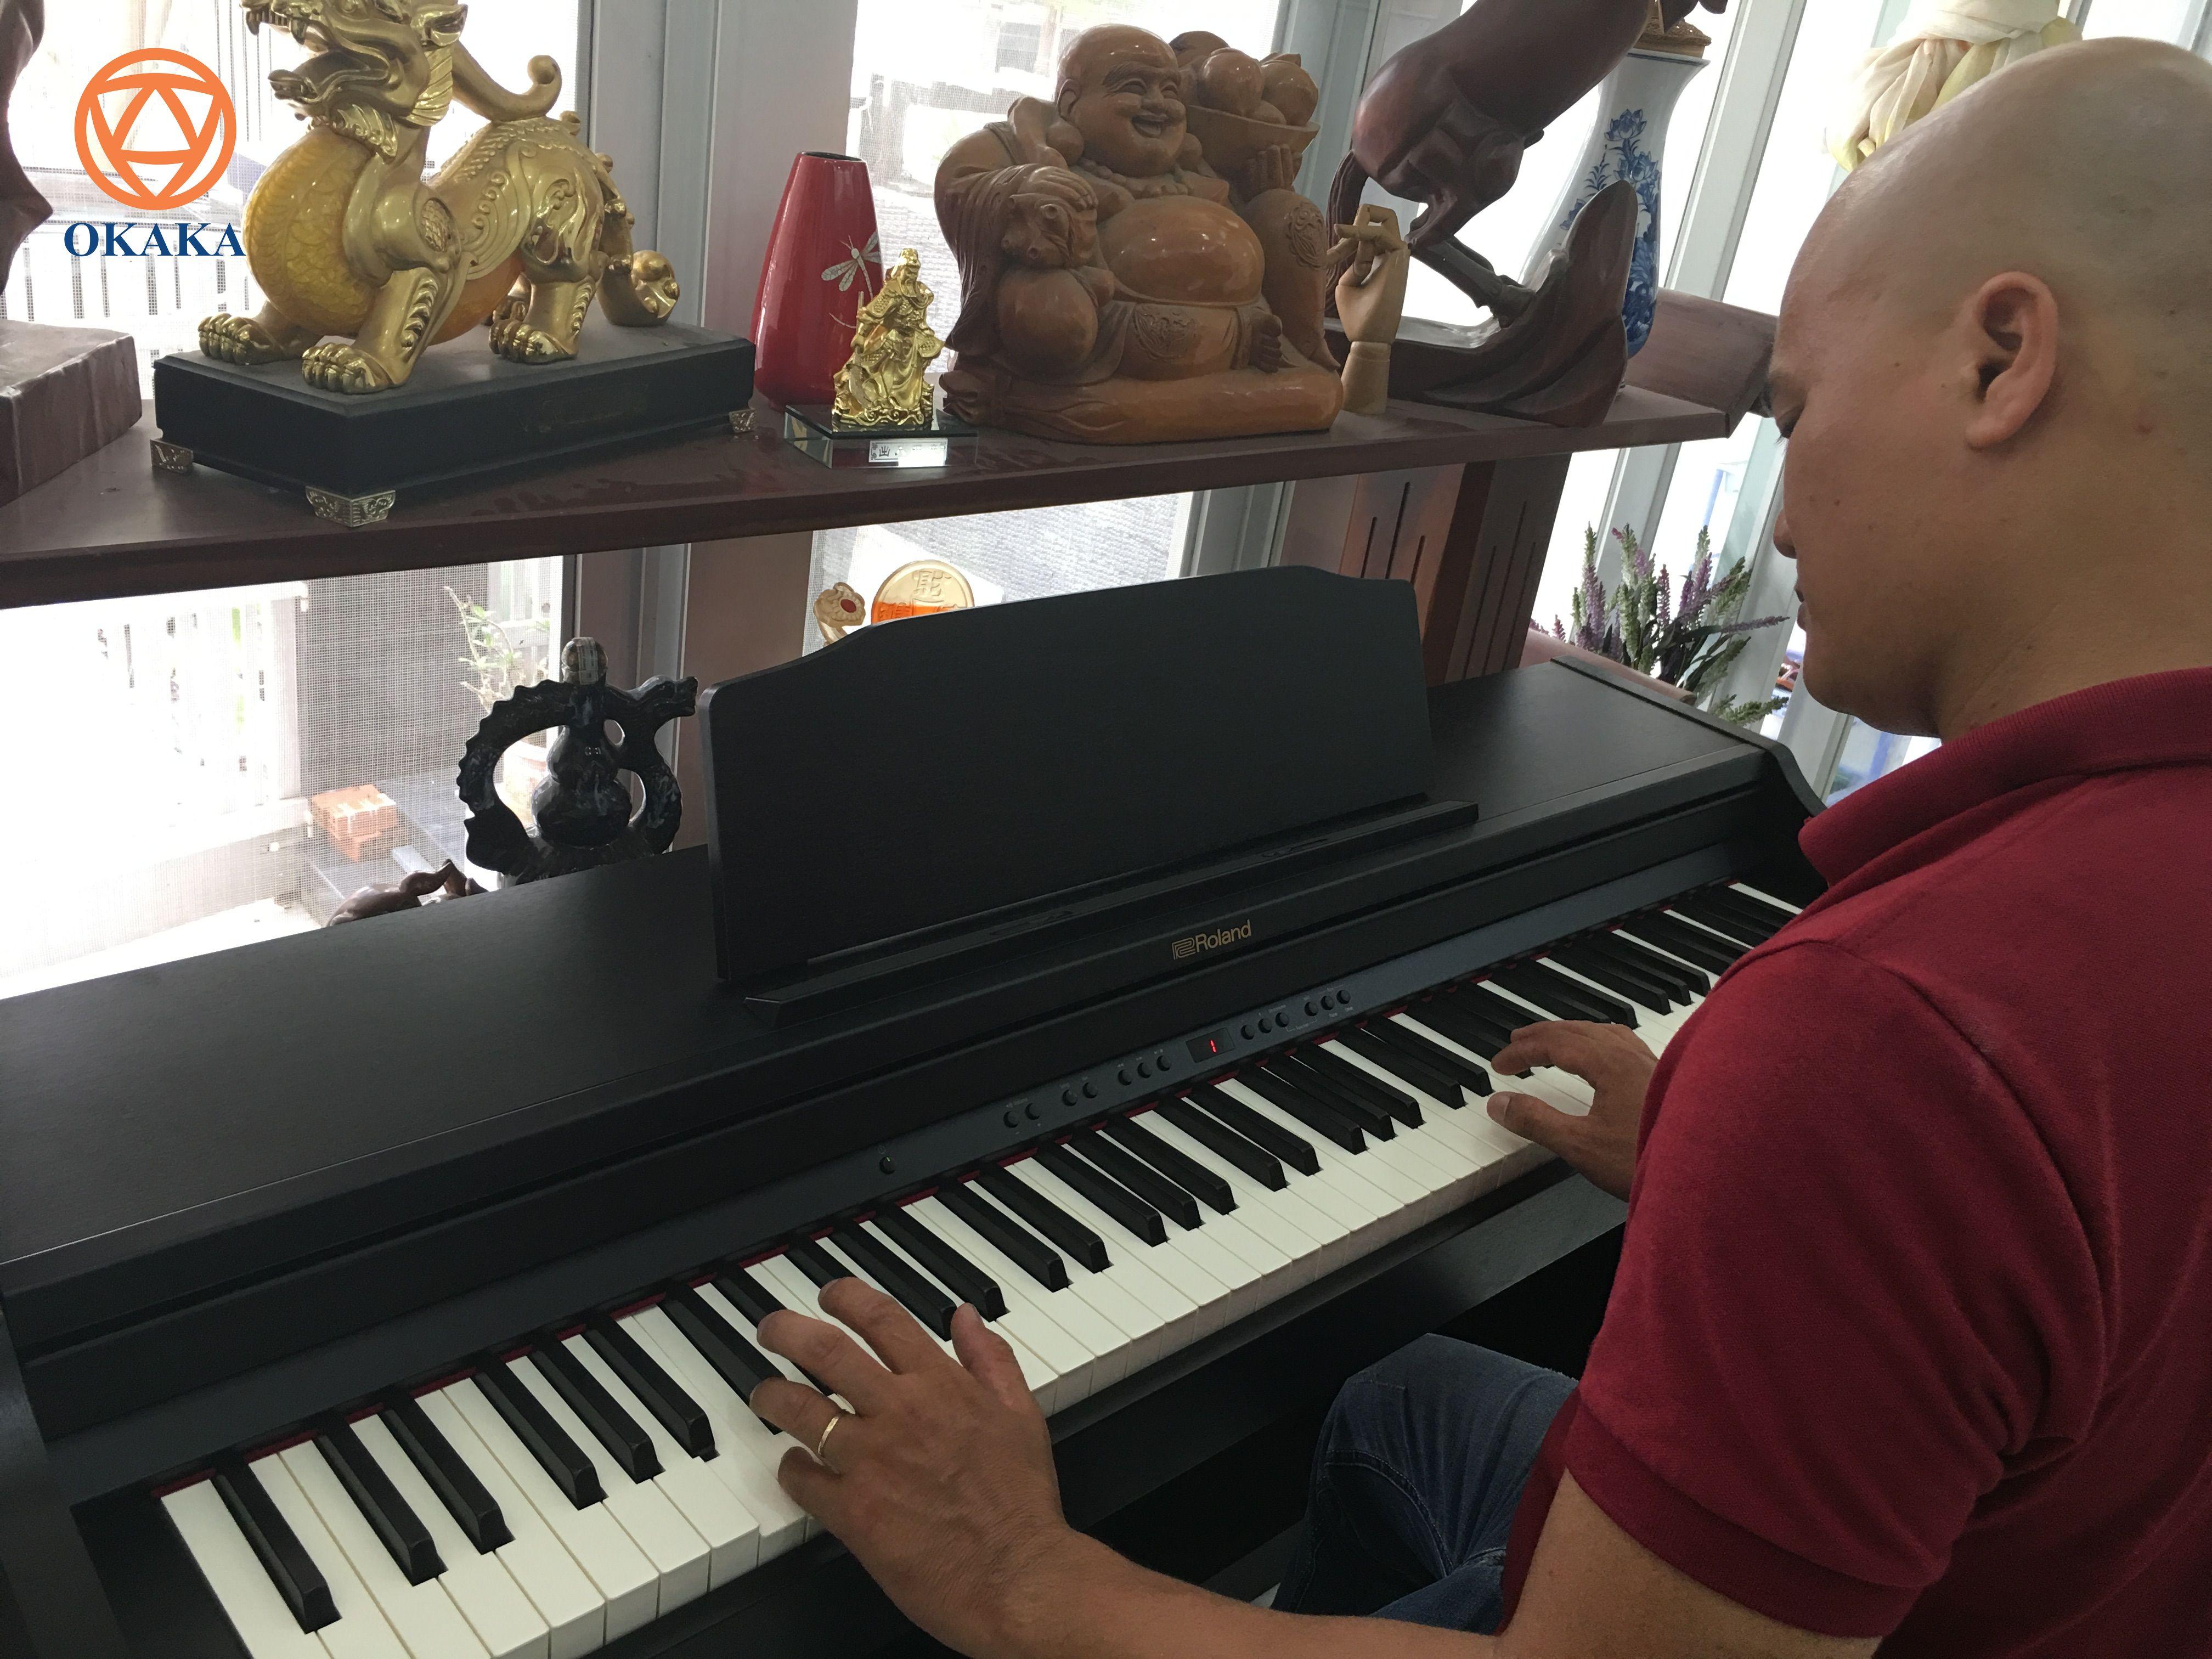 Nói đến phân khúc thị trường đàn piano điện trong tầm giá 20-30 triệu, đàn piano điện Roland RP-302 là cái tên được nhắc đến khá nhiều và nhanh chóng chiếm được cảm tình của người dùng.